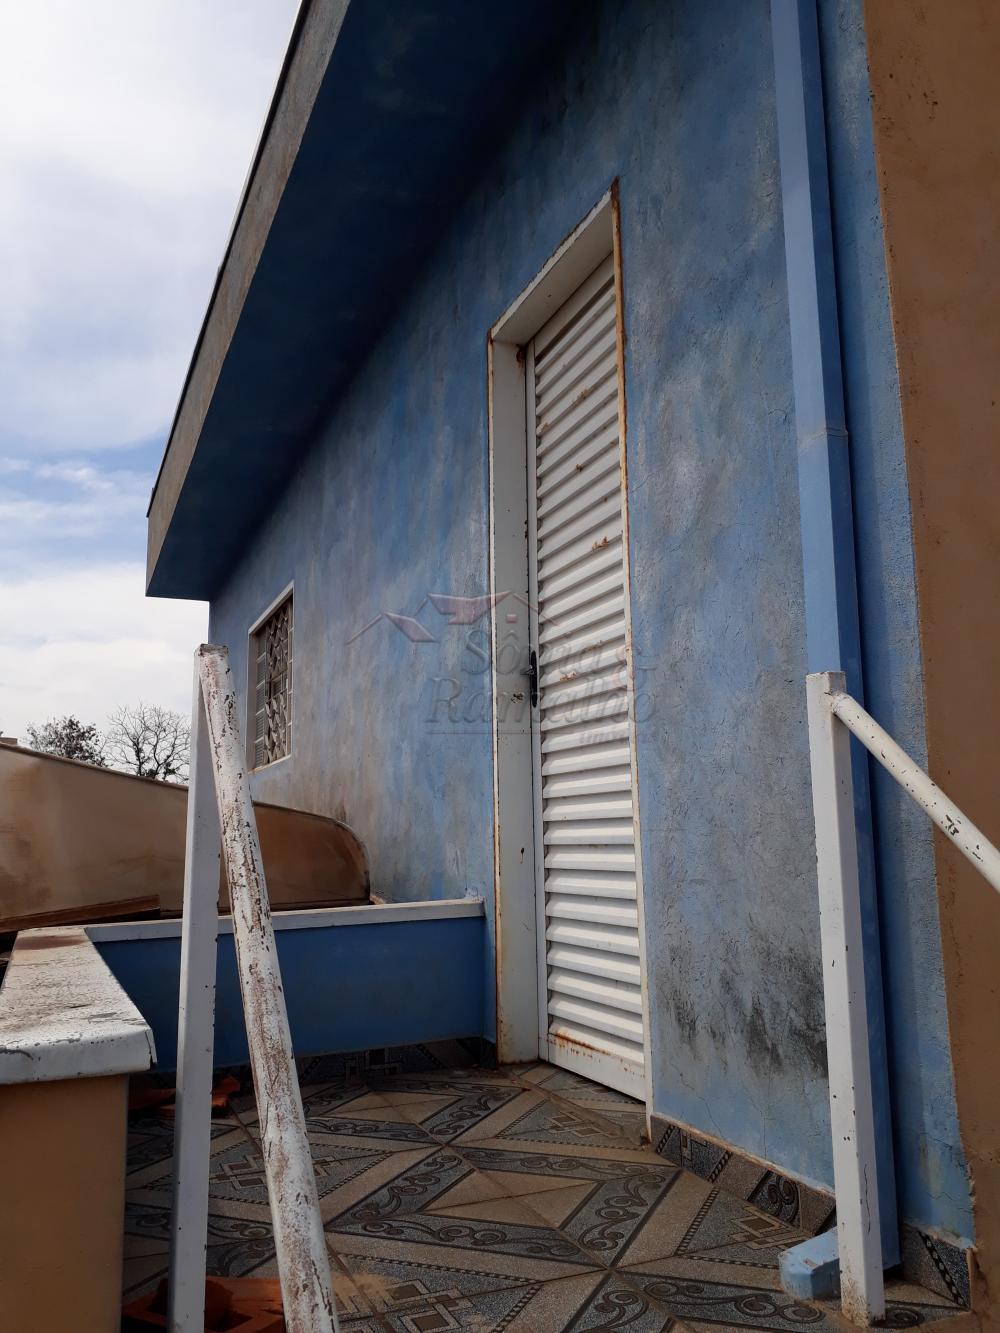 Alugar Casas / Comercial em Ribeirão Preto apenas R$ 2.800,00 - Foto 25